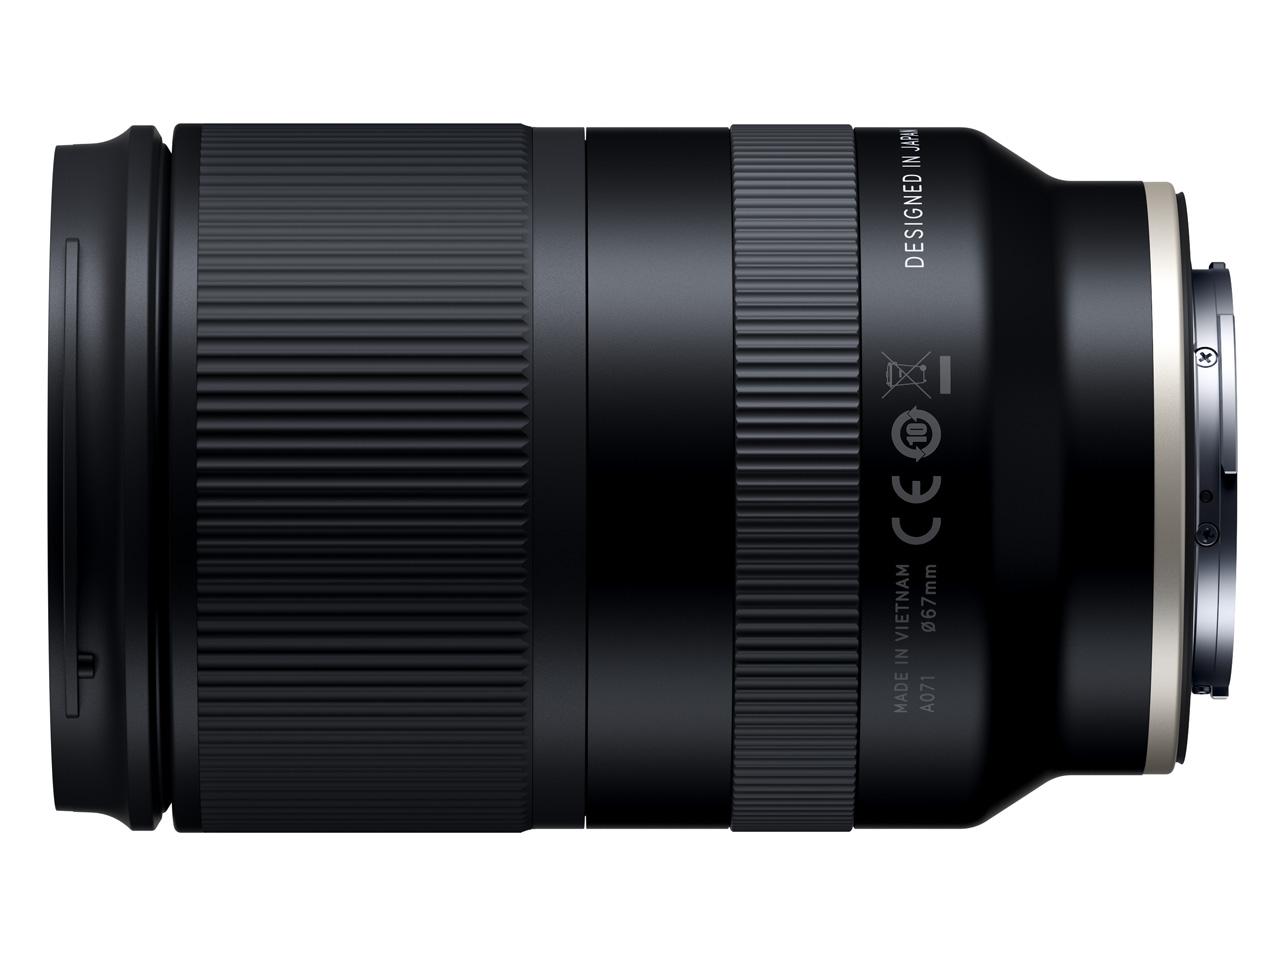 『本体 右側面3』 28-200mm F/2.8-5.6 Di III RXD (Model A071) の製品画像